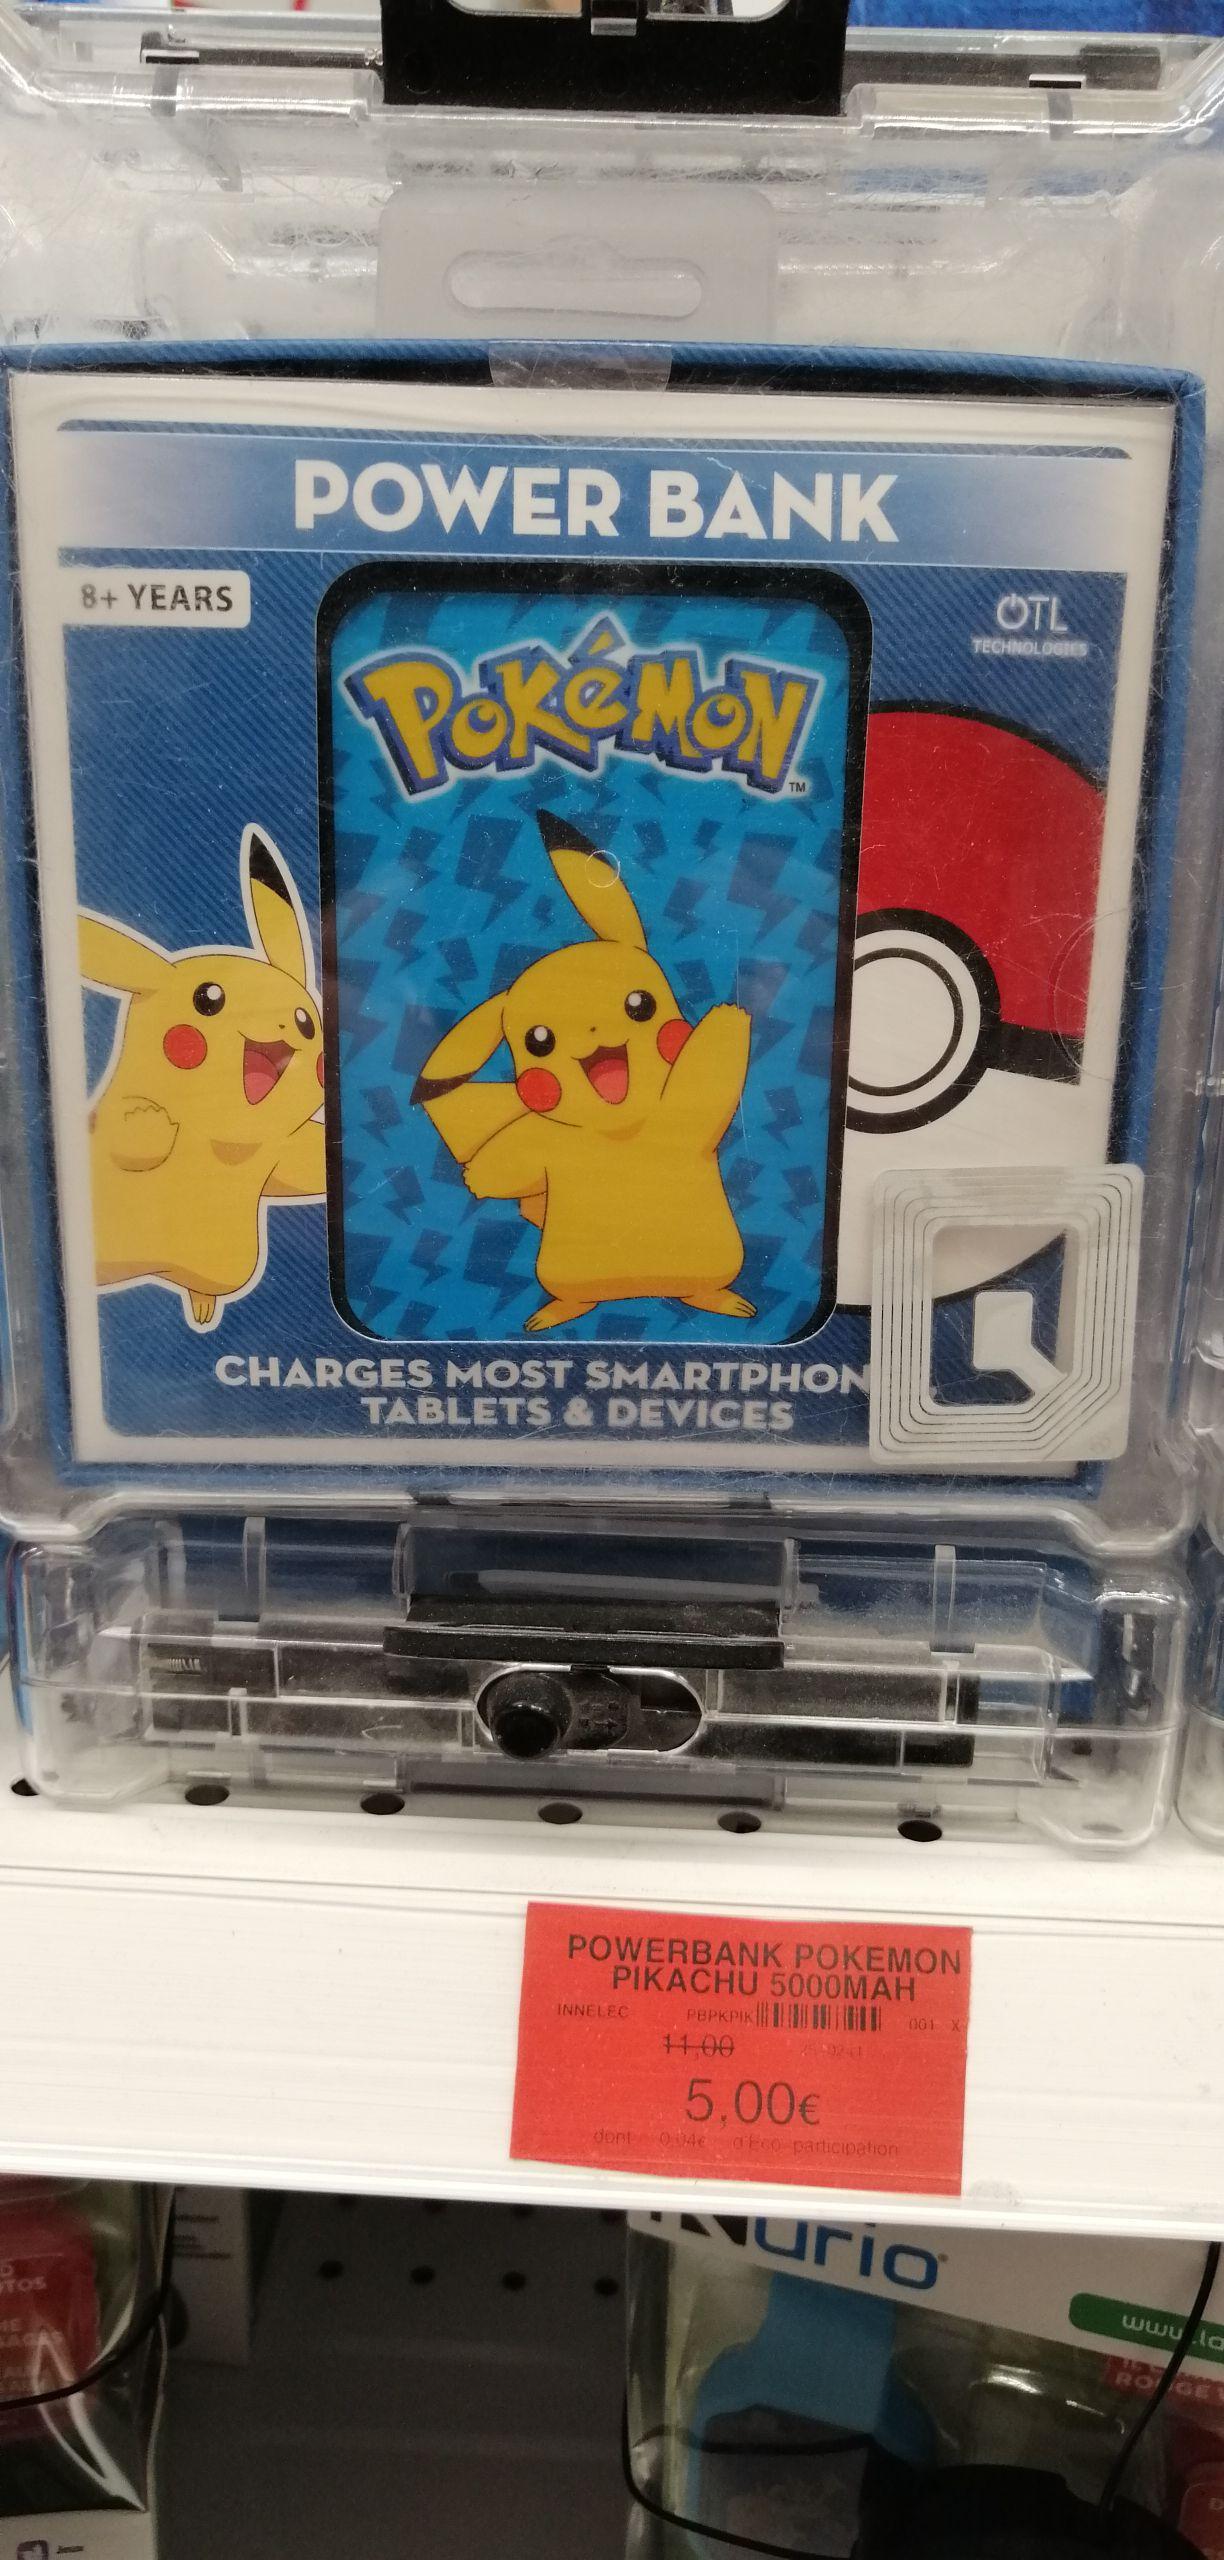 Batterie externe Powerbank Pokémon (5000 mAh) - Ormesson (94)